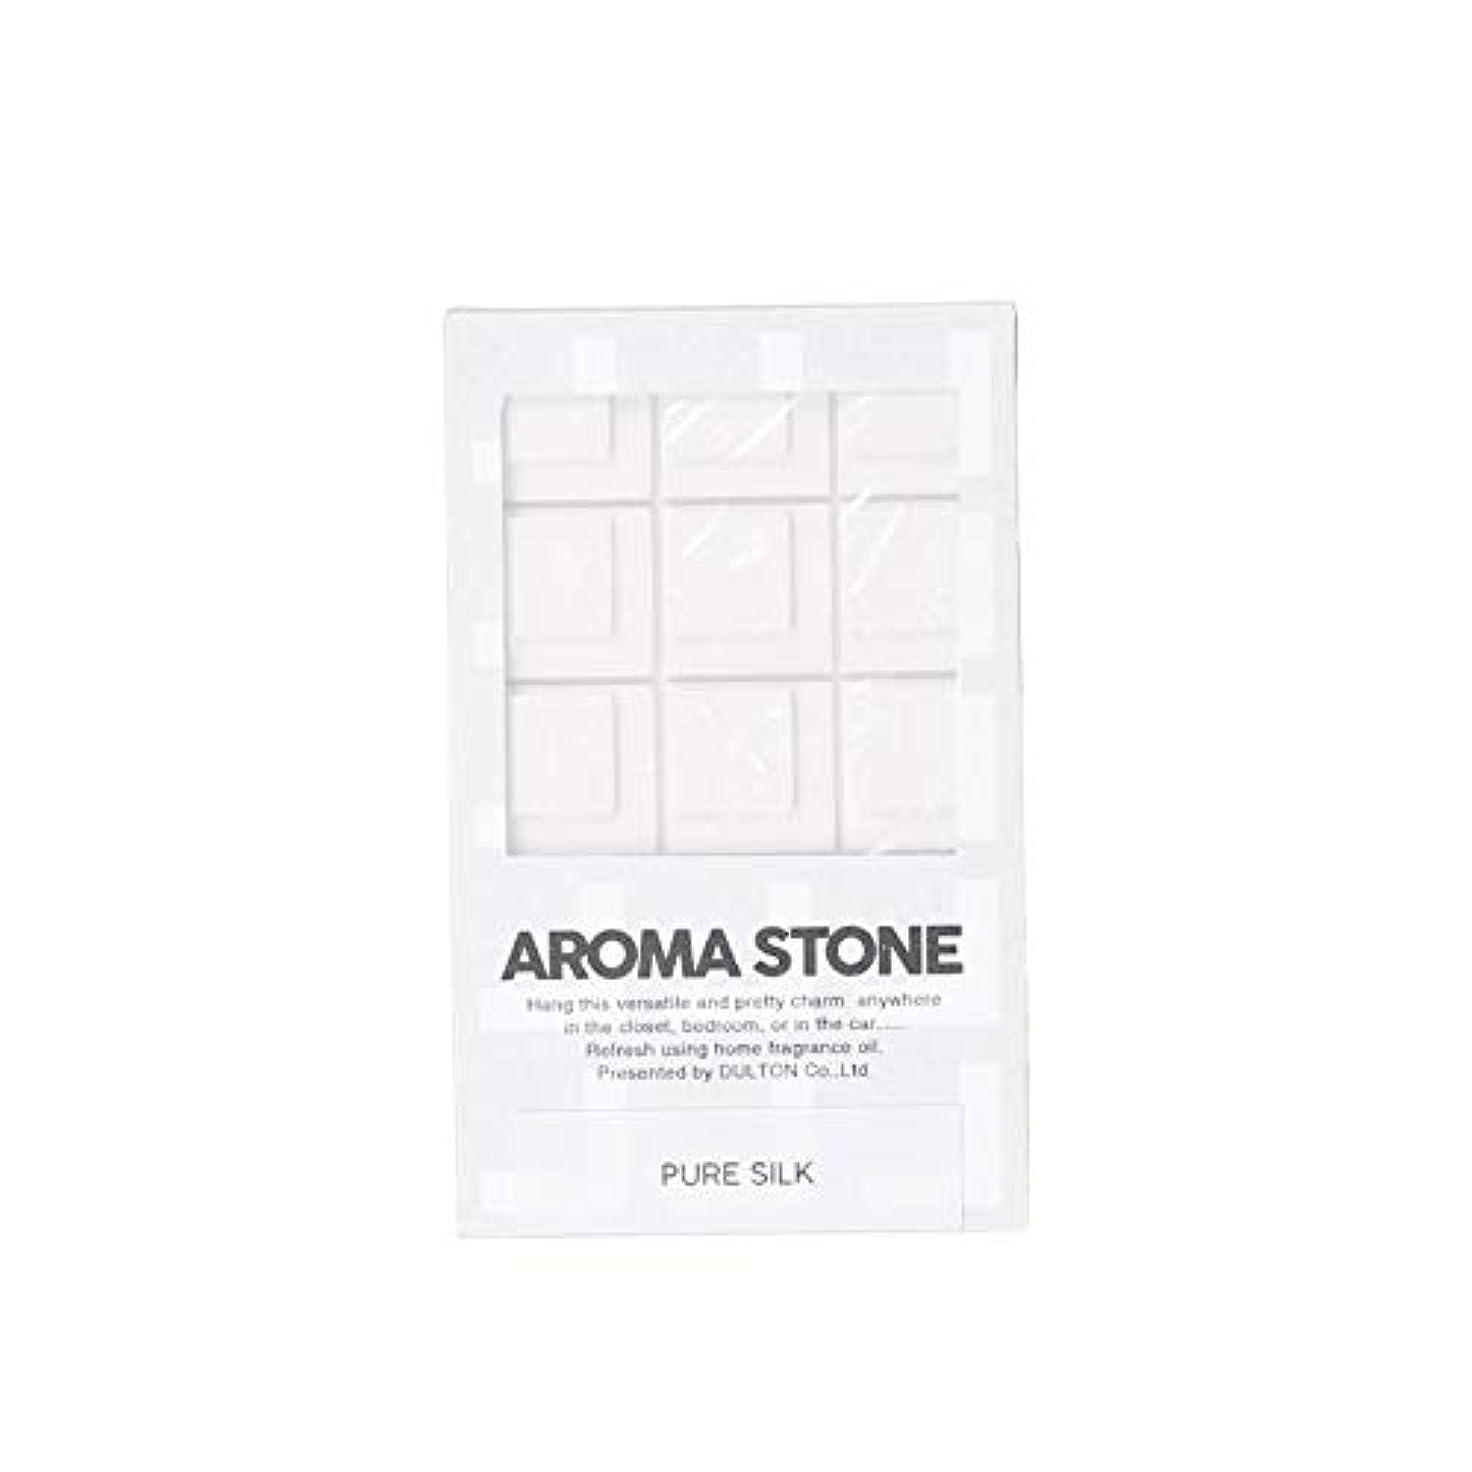 枯れる本物デッキダルトン Aroma stone アロマストーン G975-1268 Pure silk